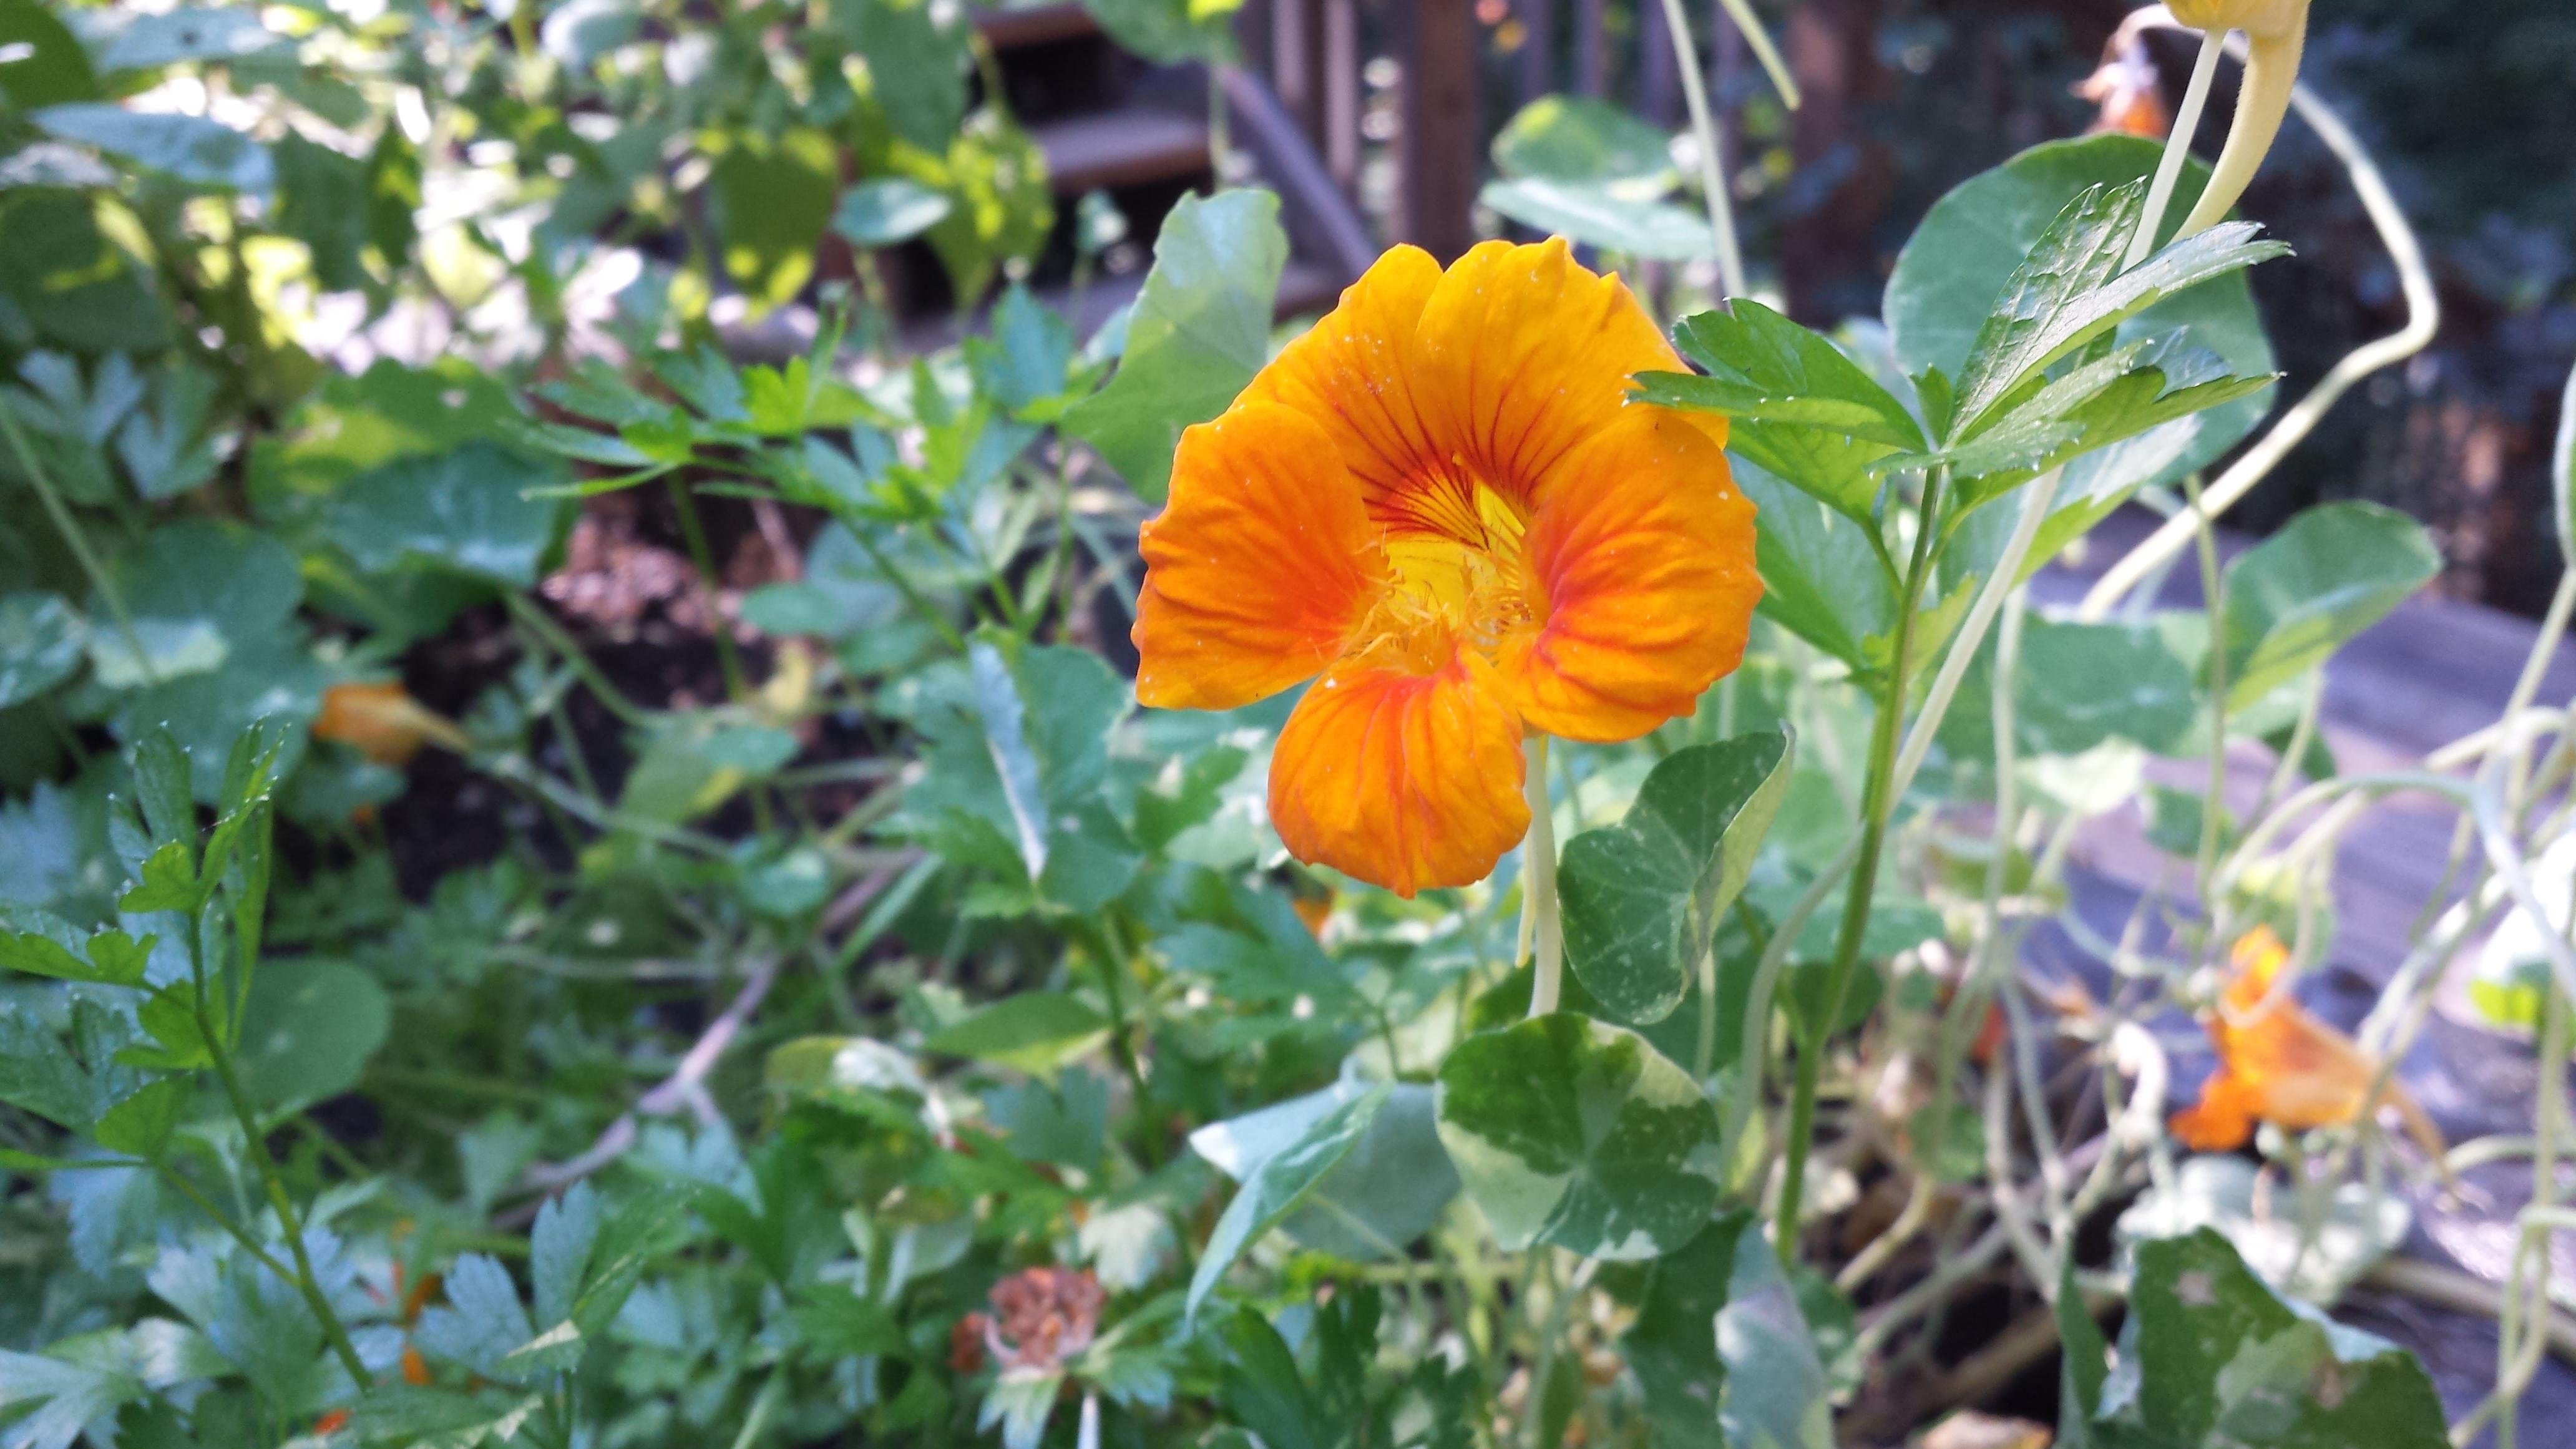 Edible Nasturtium Flower in a pretty orange to brighten up the herb garden